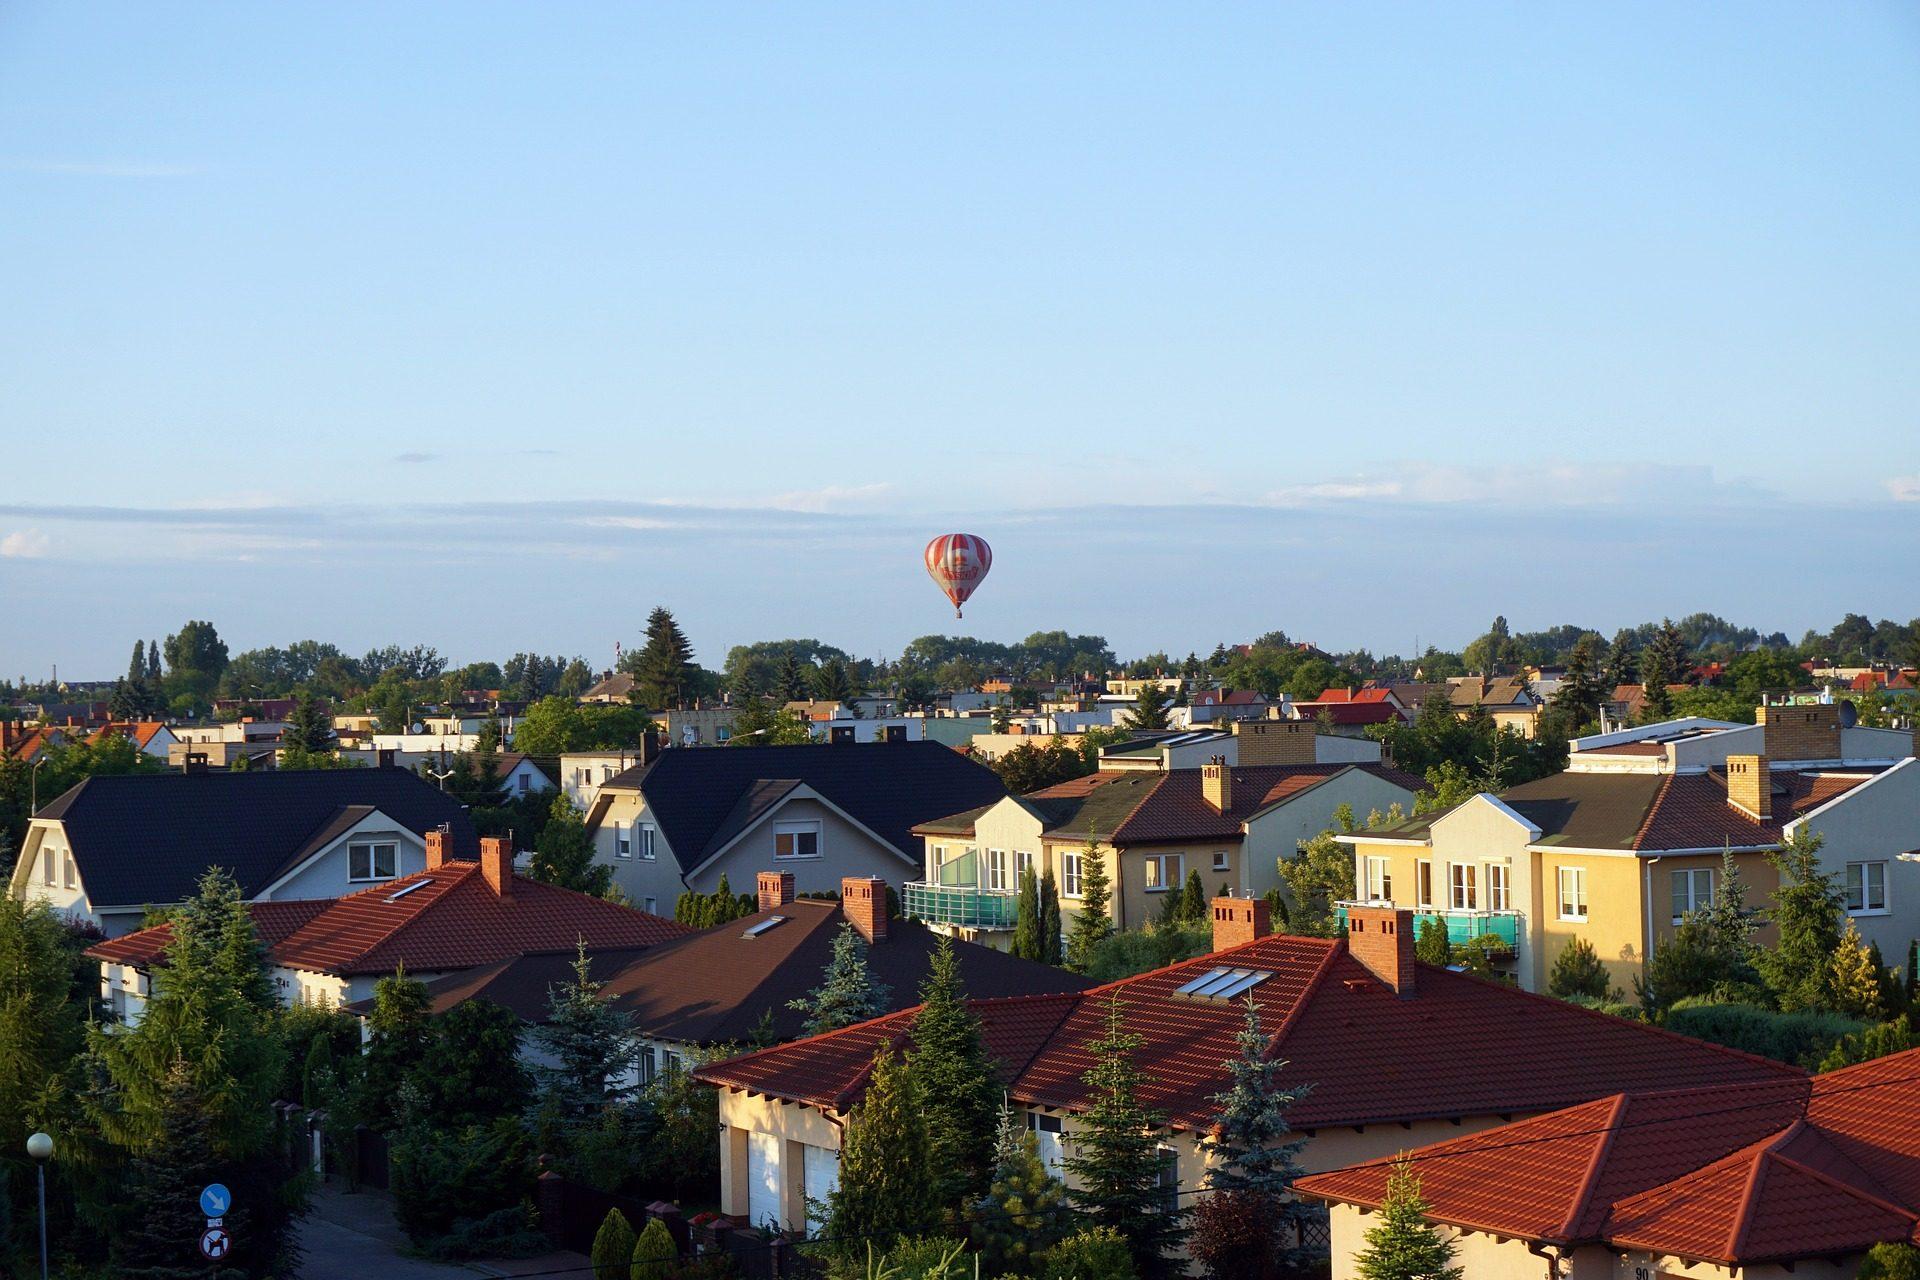 деревня, дома, крыши, globo, воздушный шар, Небо, деревья - Обои HD - Профессор falken.com